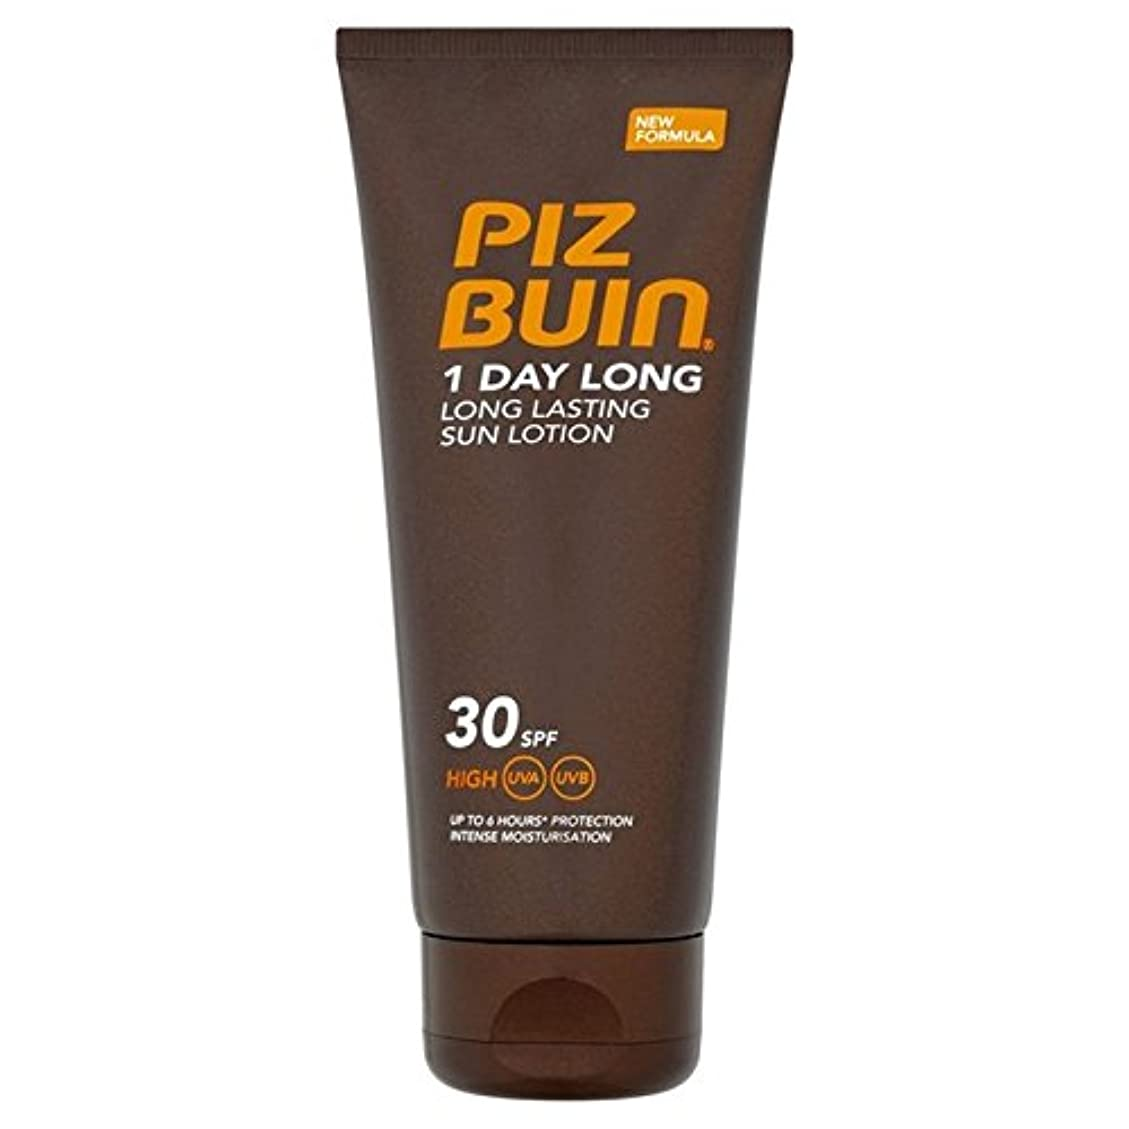 フィットネス不忠国民投票Piz Buin 1 Day Long Protection Lotion SPF 30 100ml (Pack of 6) - ピッツブーイン1日長い保護ローション 30 100ミリリットル x6 [並行輸入品]